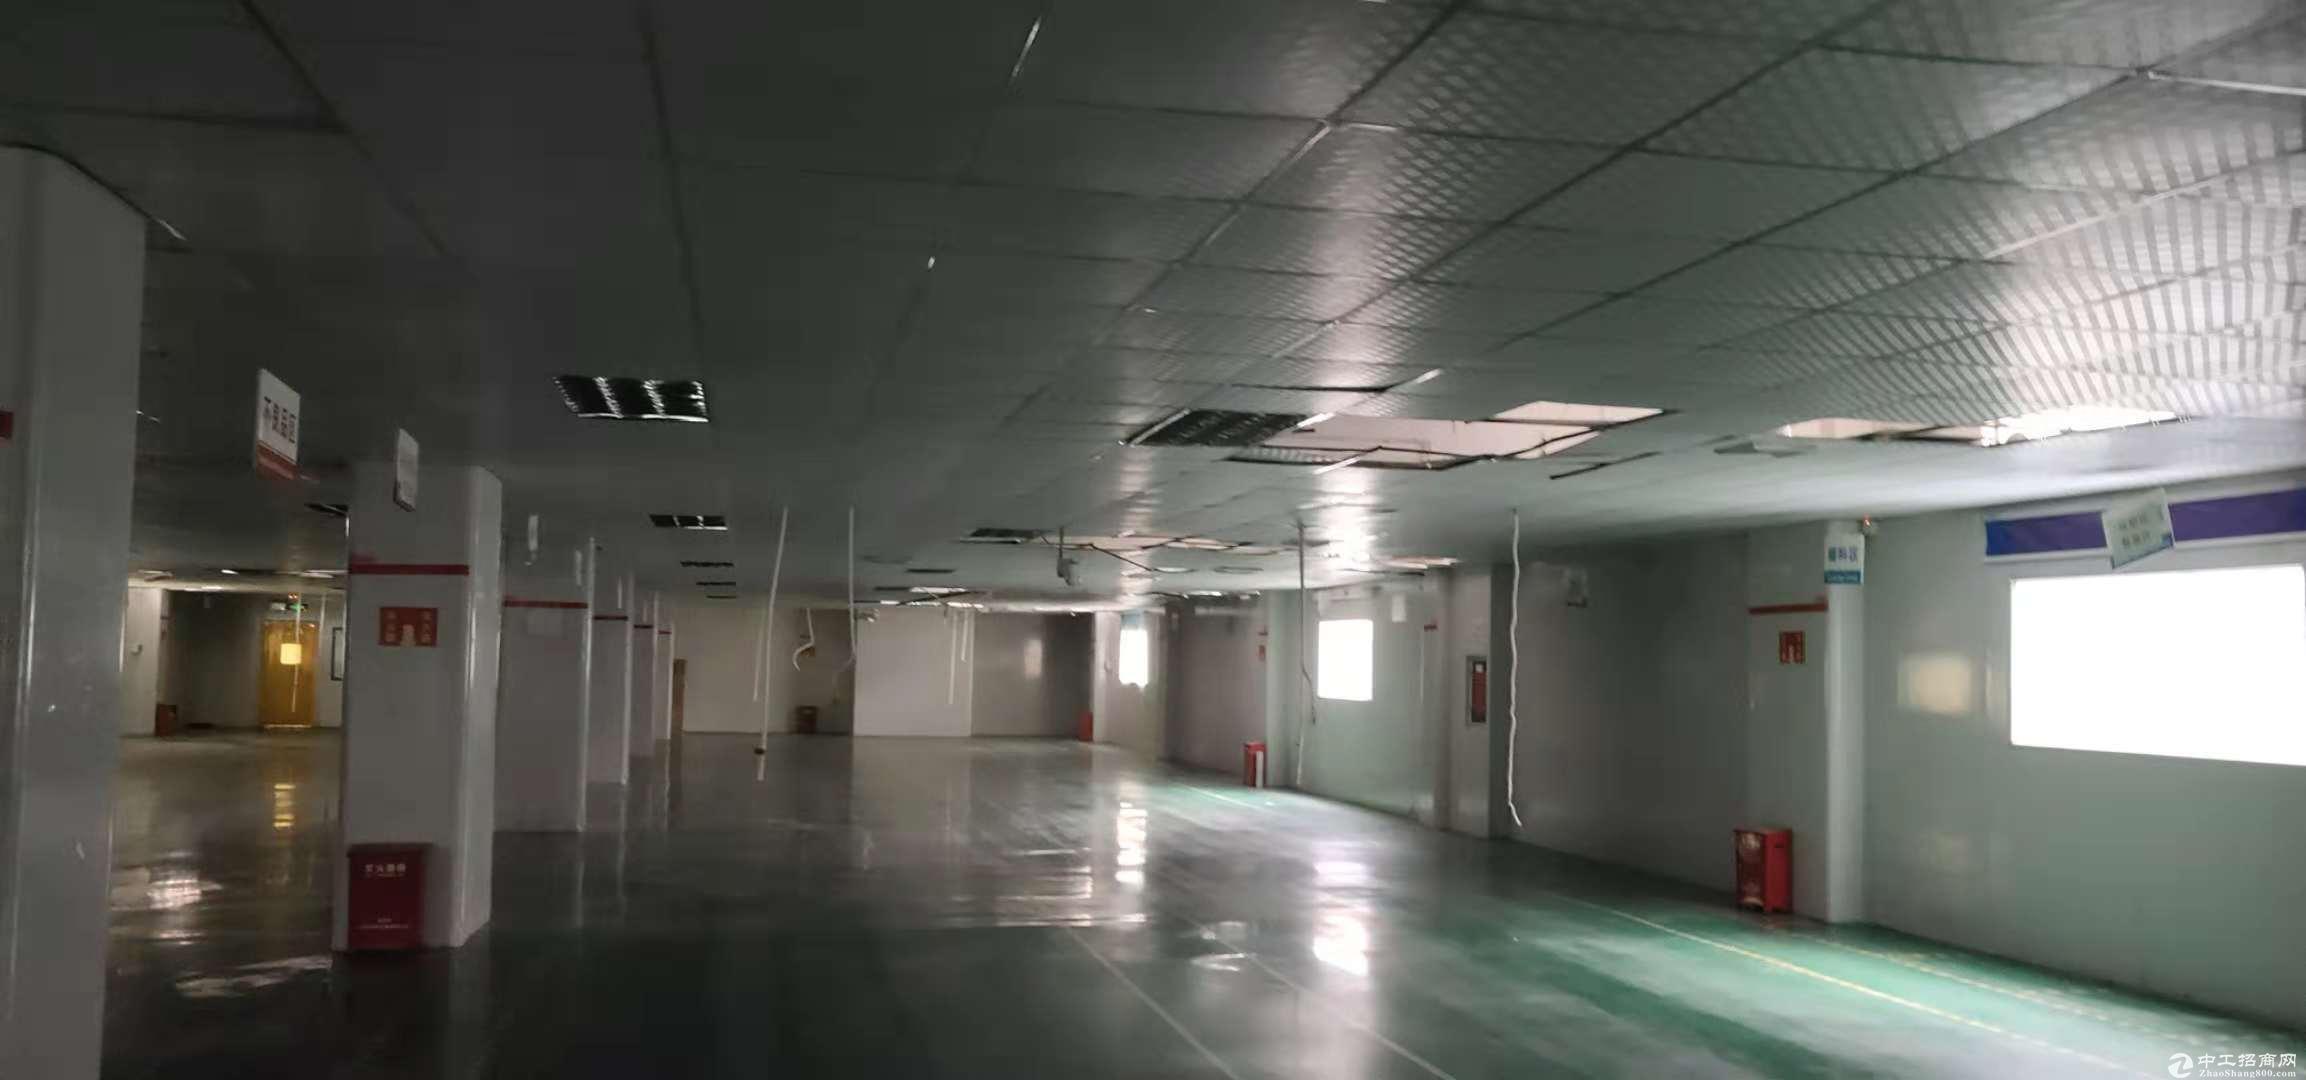 横岗 六约华润万家附近楼上精装电商办公仓库245平米招租